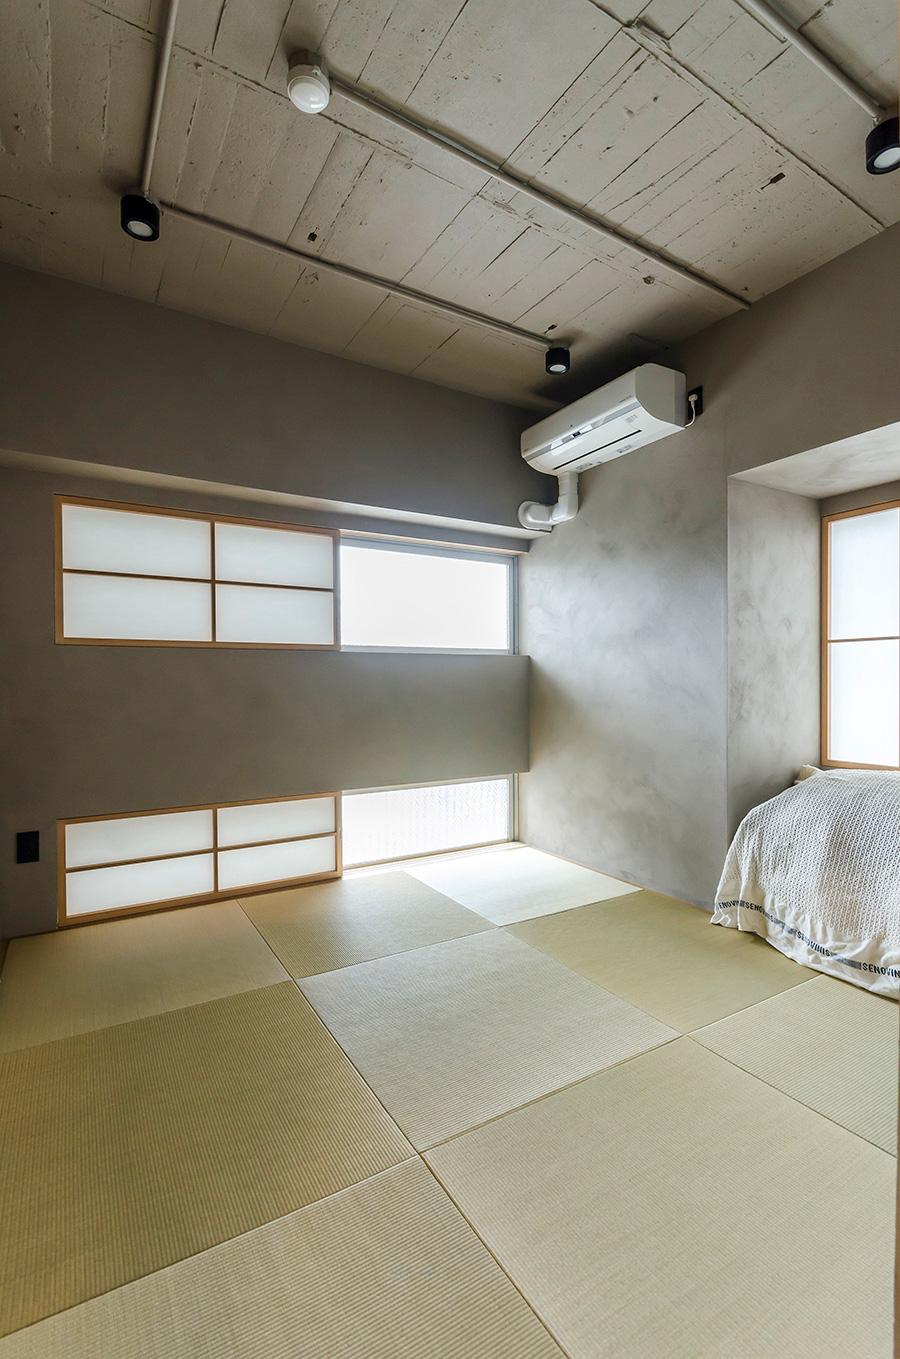 約8.5㎡の和室は施工前からあった雪見障子を生かすことに。